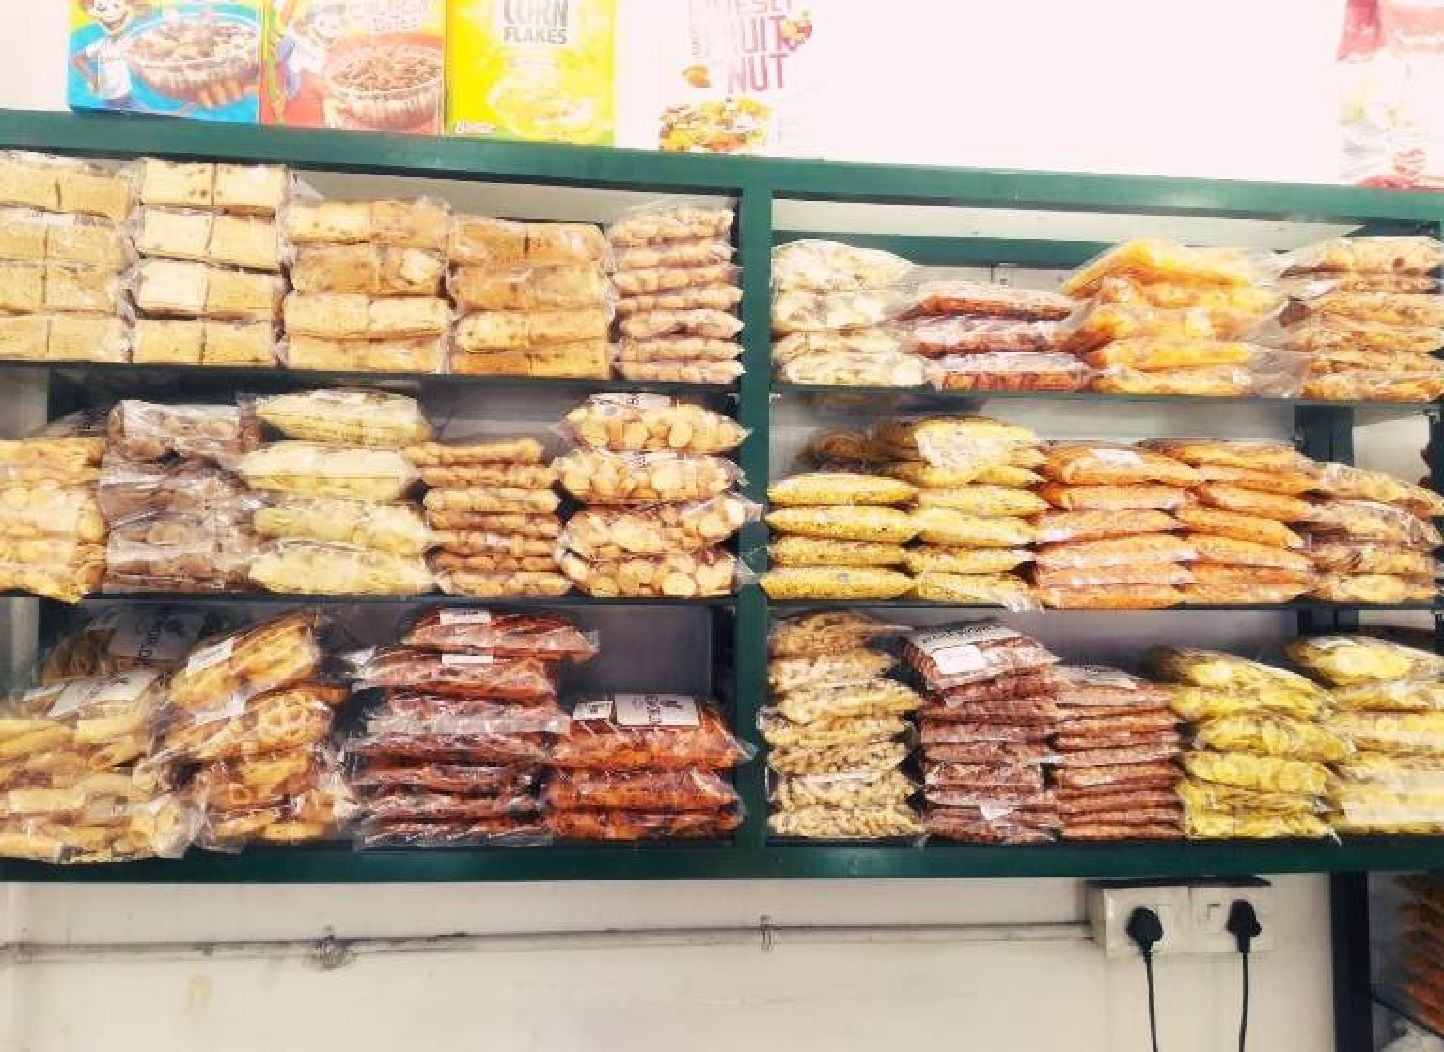 Bake World, Backery & Cafeteria,  service in Kumbanad, Pathanamthitta